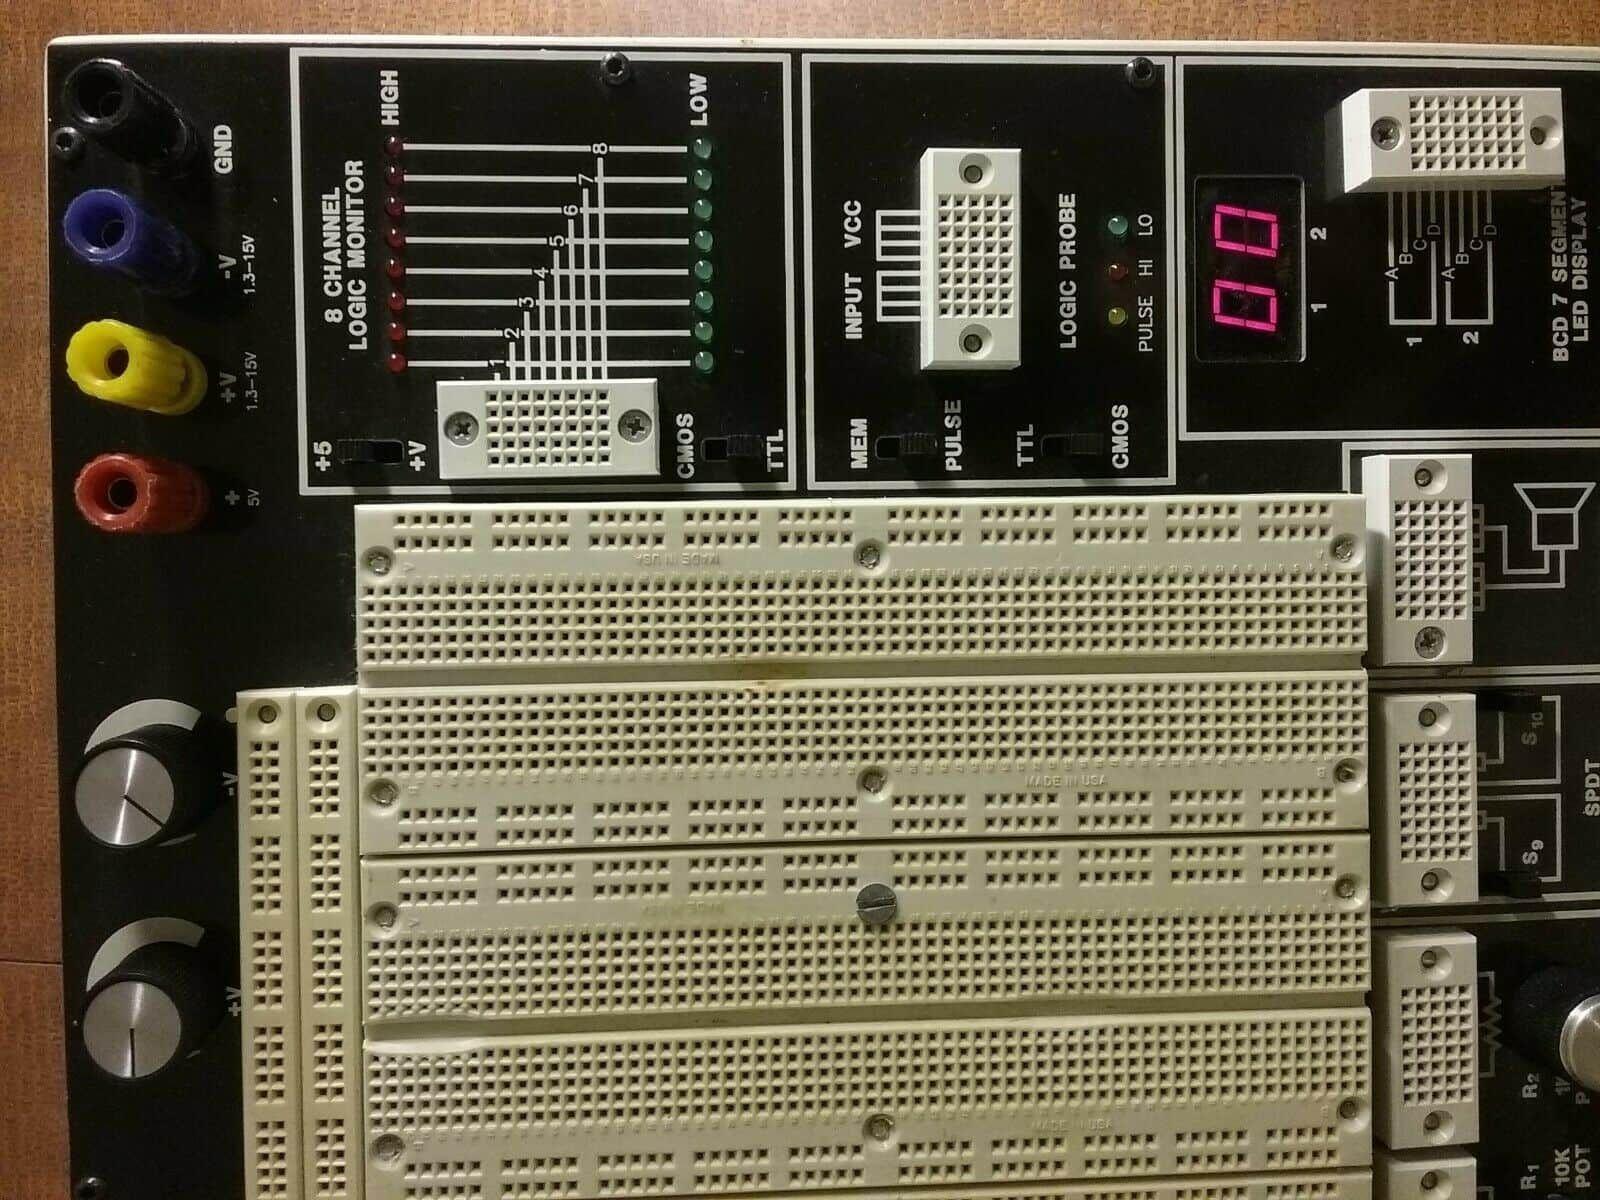 E&L Instruments C.A.D.E.T II 325-1449 Digital Electronics Trainer